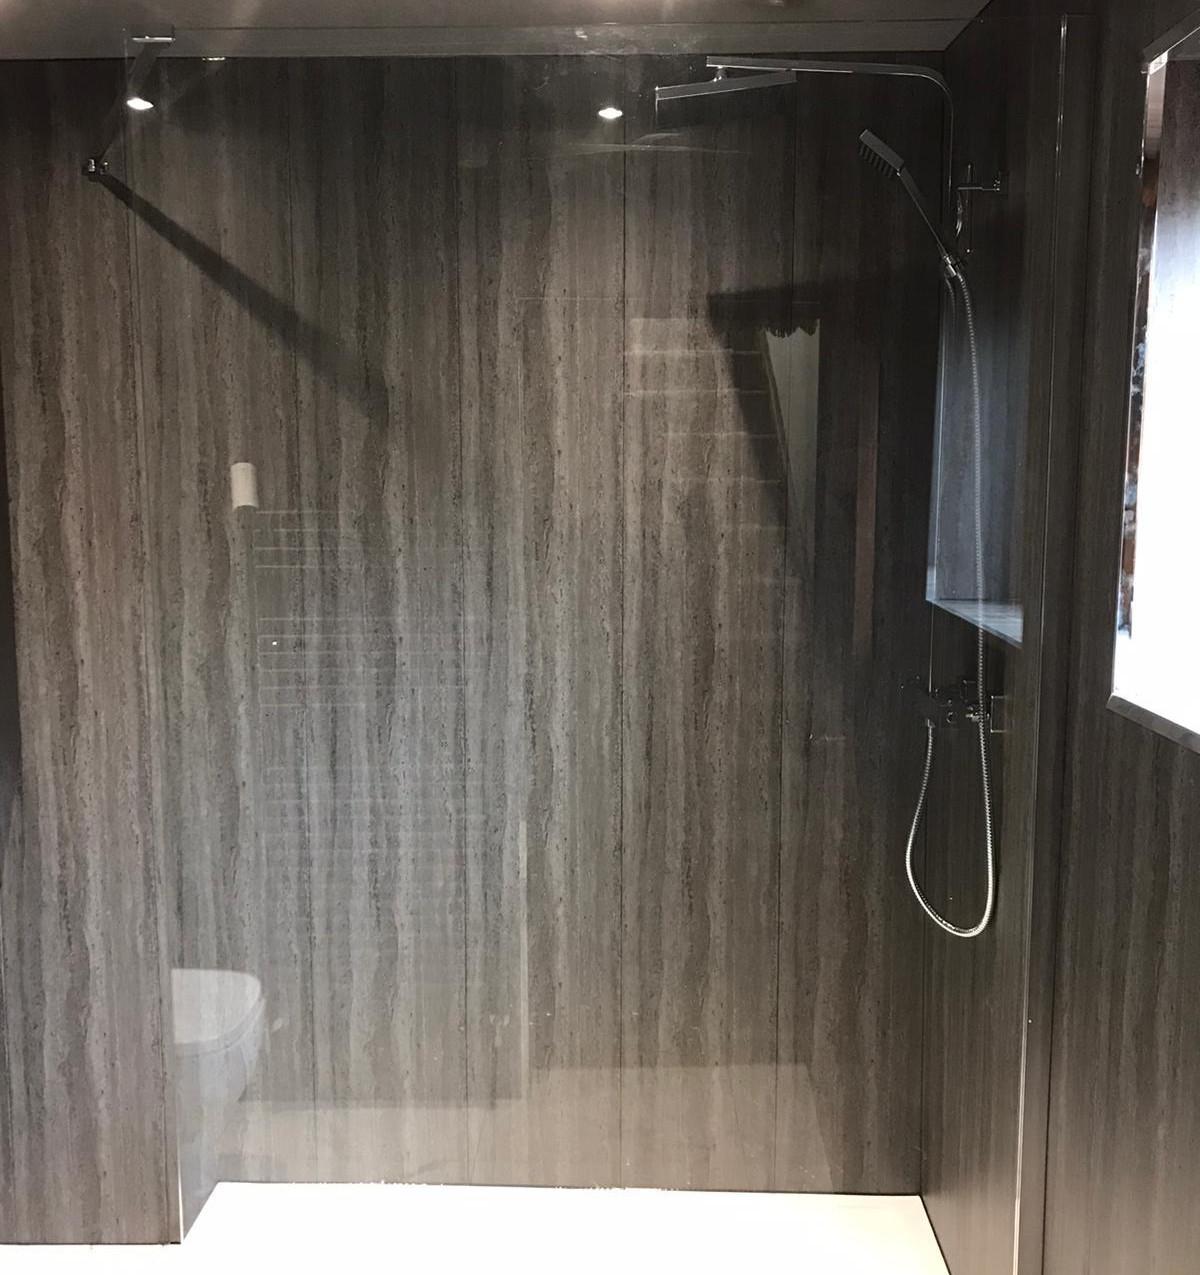 Derbyshire Bathrooms & Fitting.